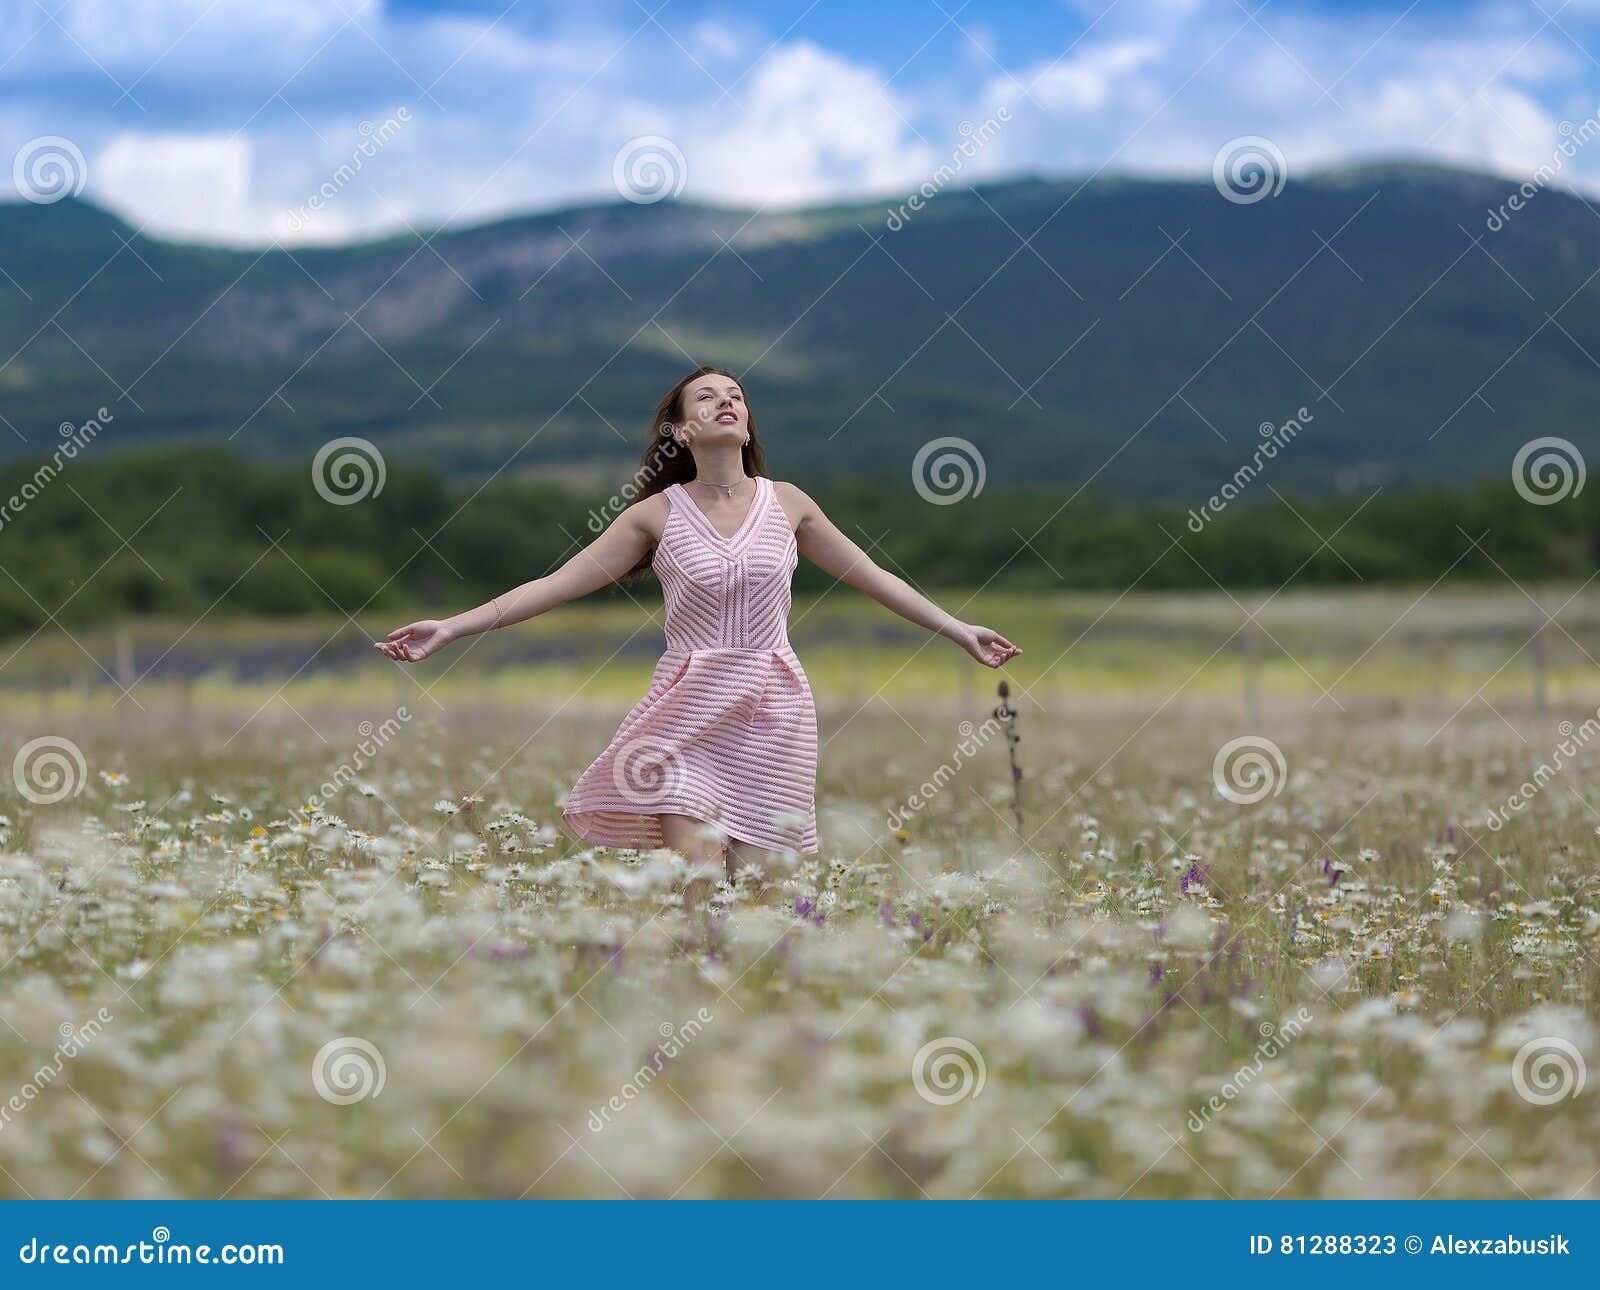 桃红色无袖的礼服的女孩在春黄菊草甸走